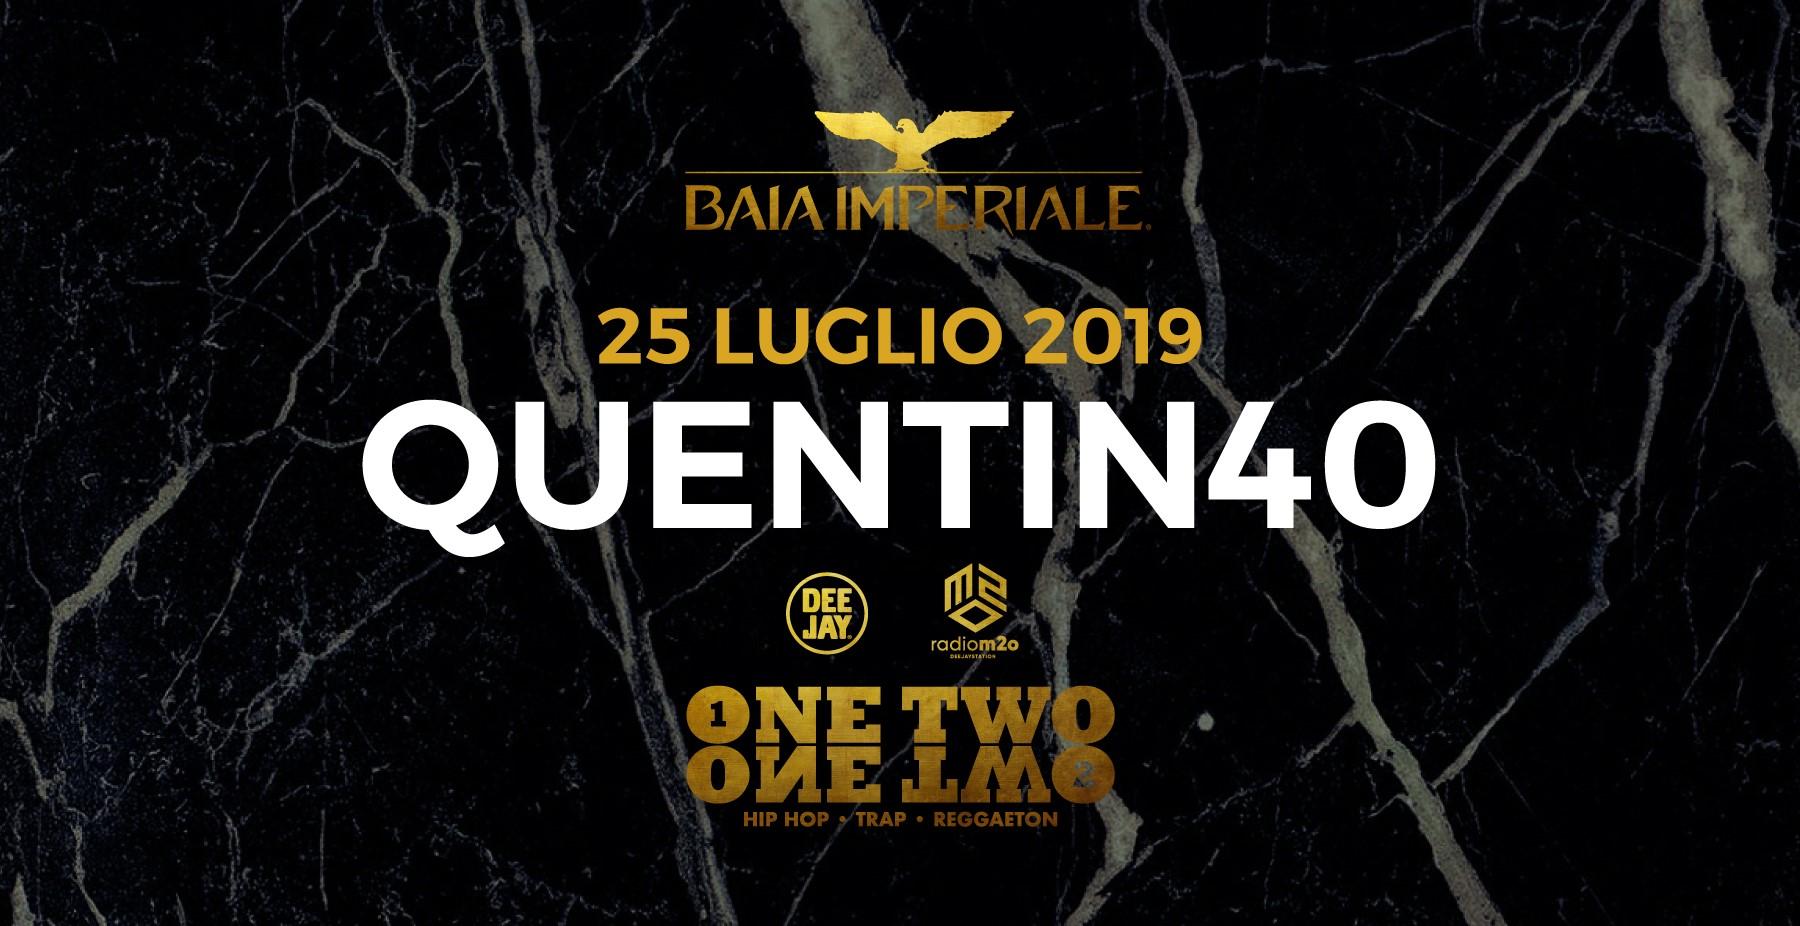 Baia Imperiale – Quentin40 – Giovedì 25 Luglio 2019 –  Ticket-Biglietti 18app – Tavoli – Pacchetti Hotel